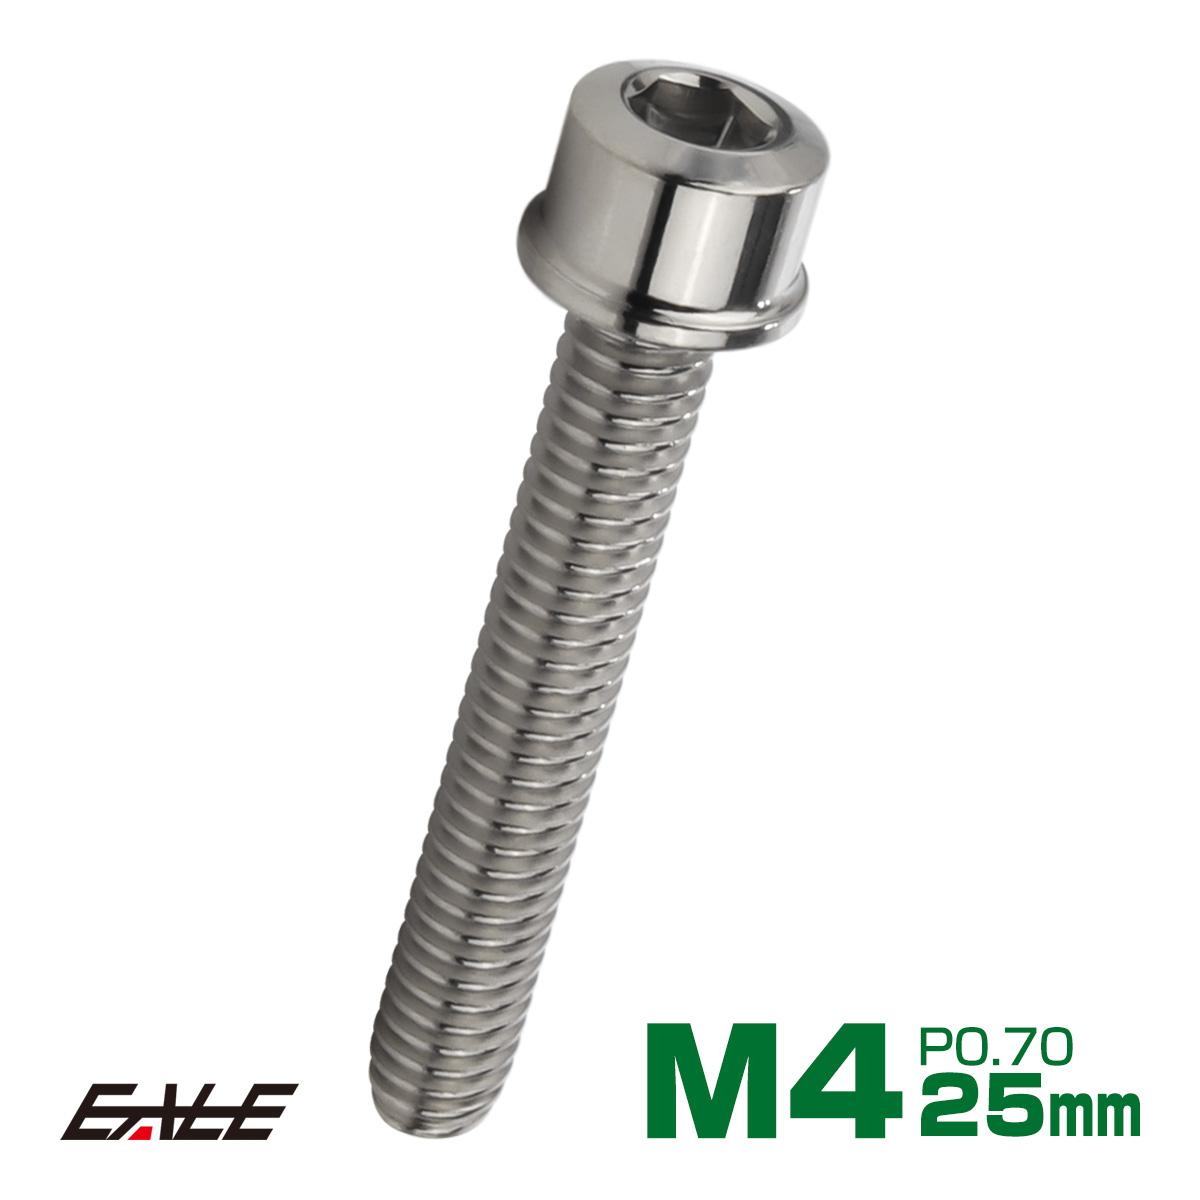 SUS304 キャップボルト M4×25mm P0.7 六角穴付きボルト スリムヘッド シルバー ステンレス製 TB0181